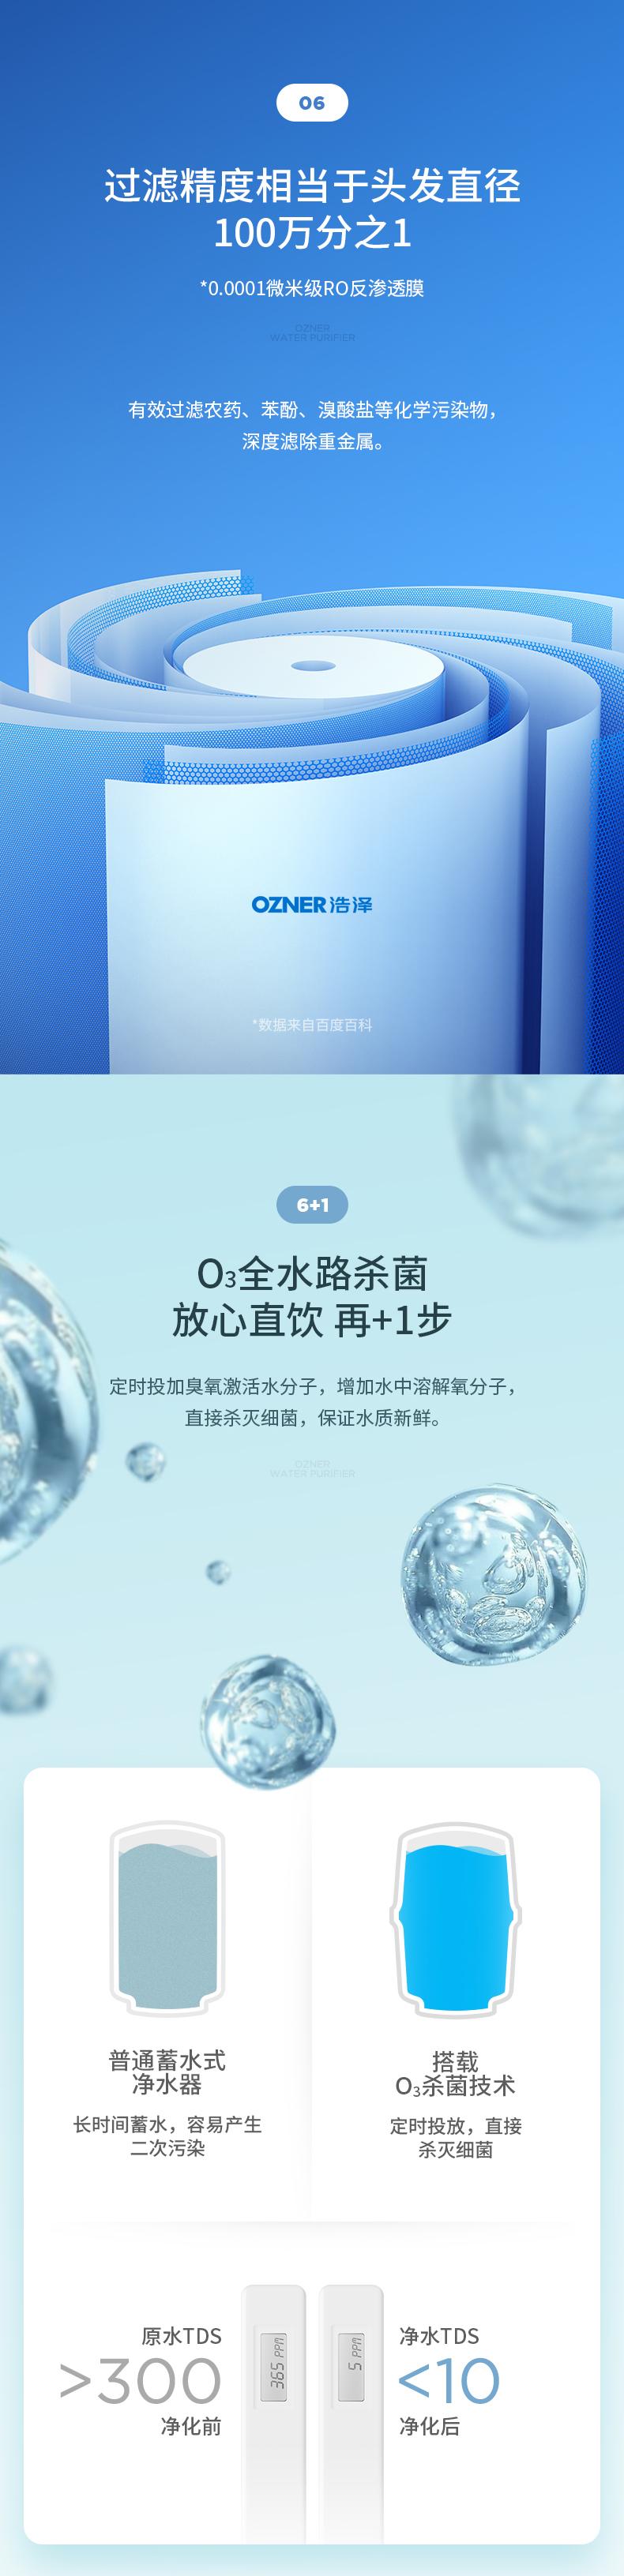 苏州家用净水器 (5)